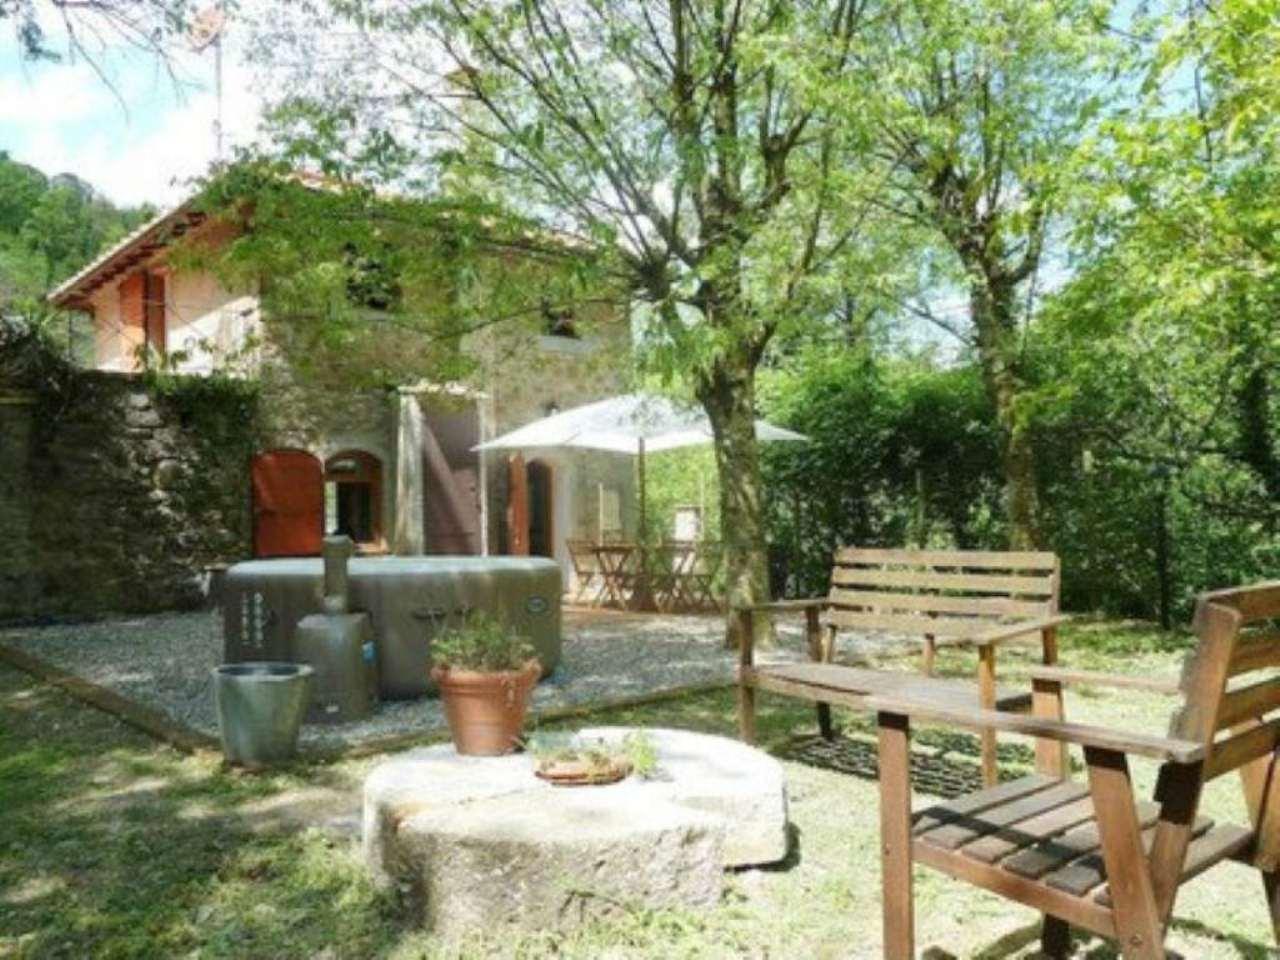 Casa indipendente in Vendita a Borgo San Lorenzo Periferia: 4 locali, 108 mq